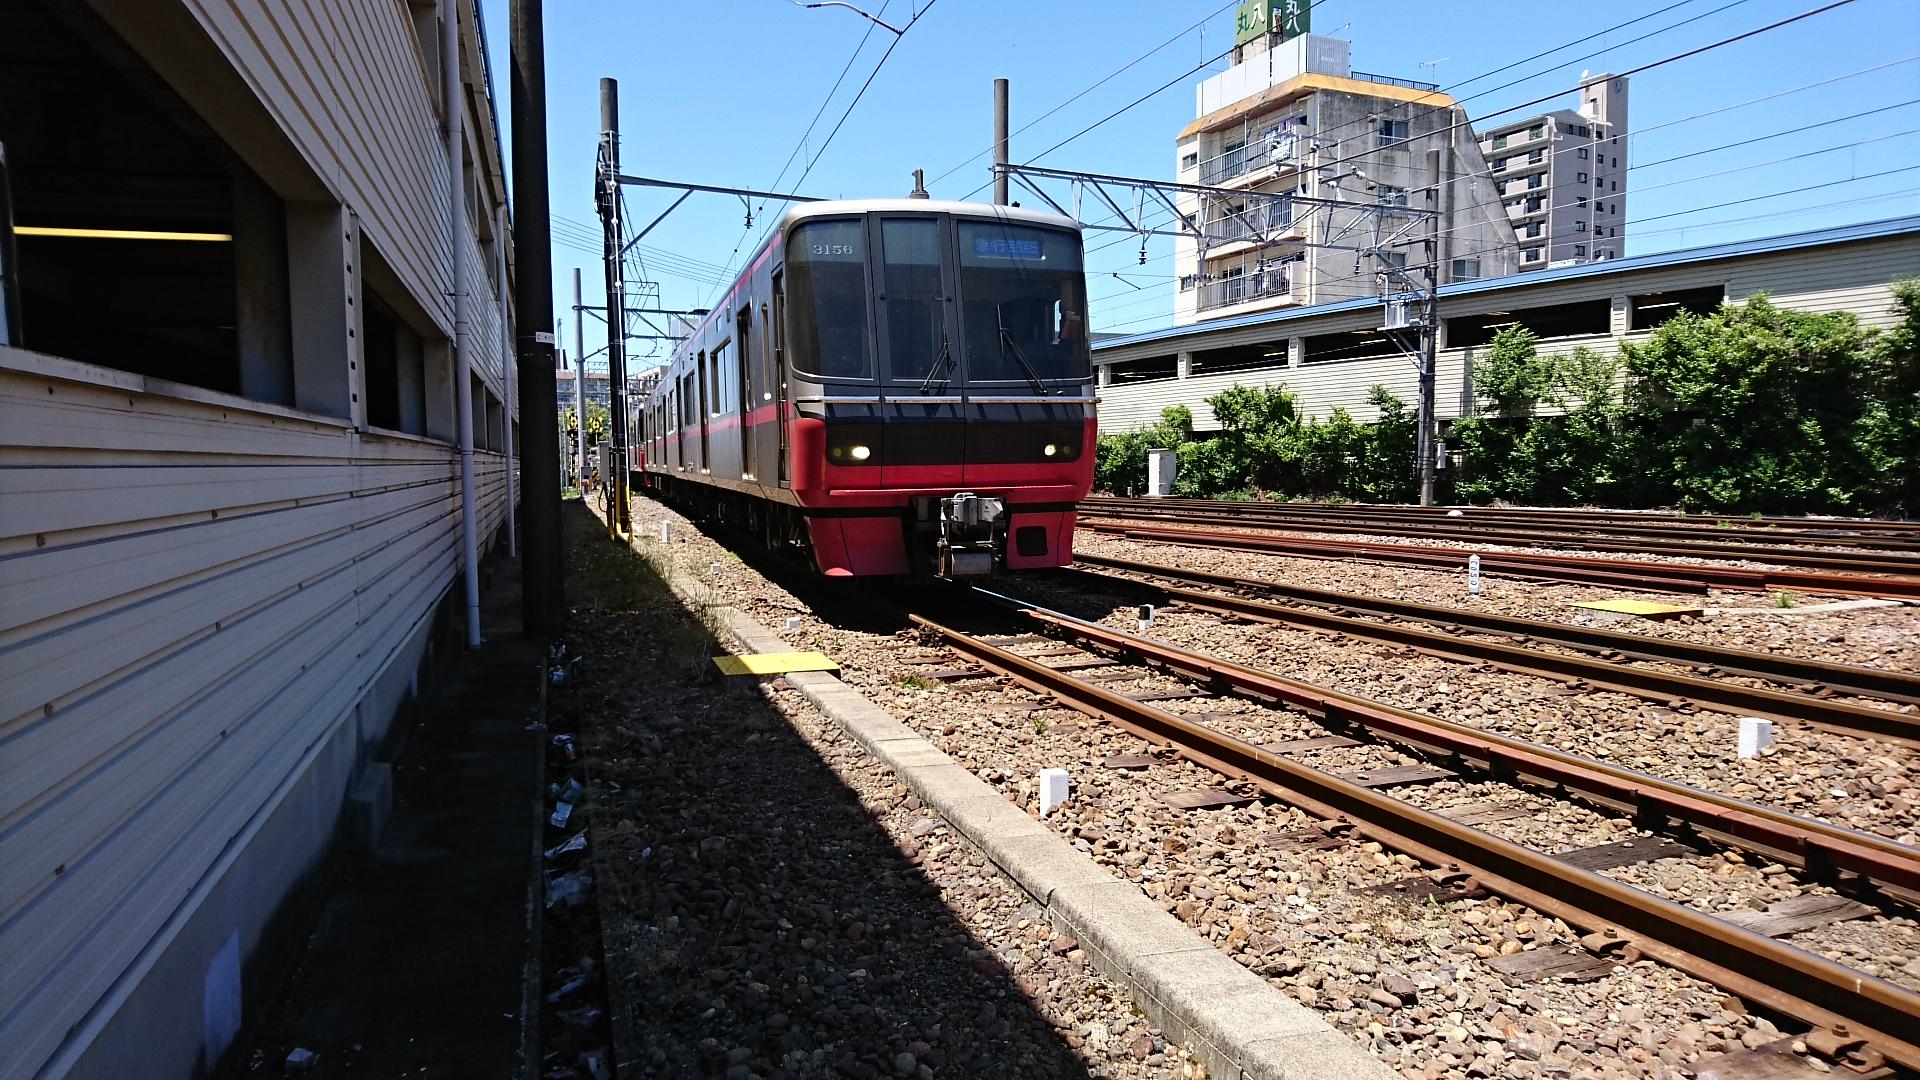 2018.5.24 (8) しんあんじょう - 吉良吉田いき急行 1920-1080